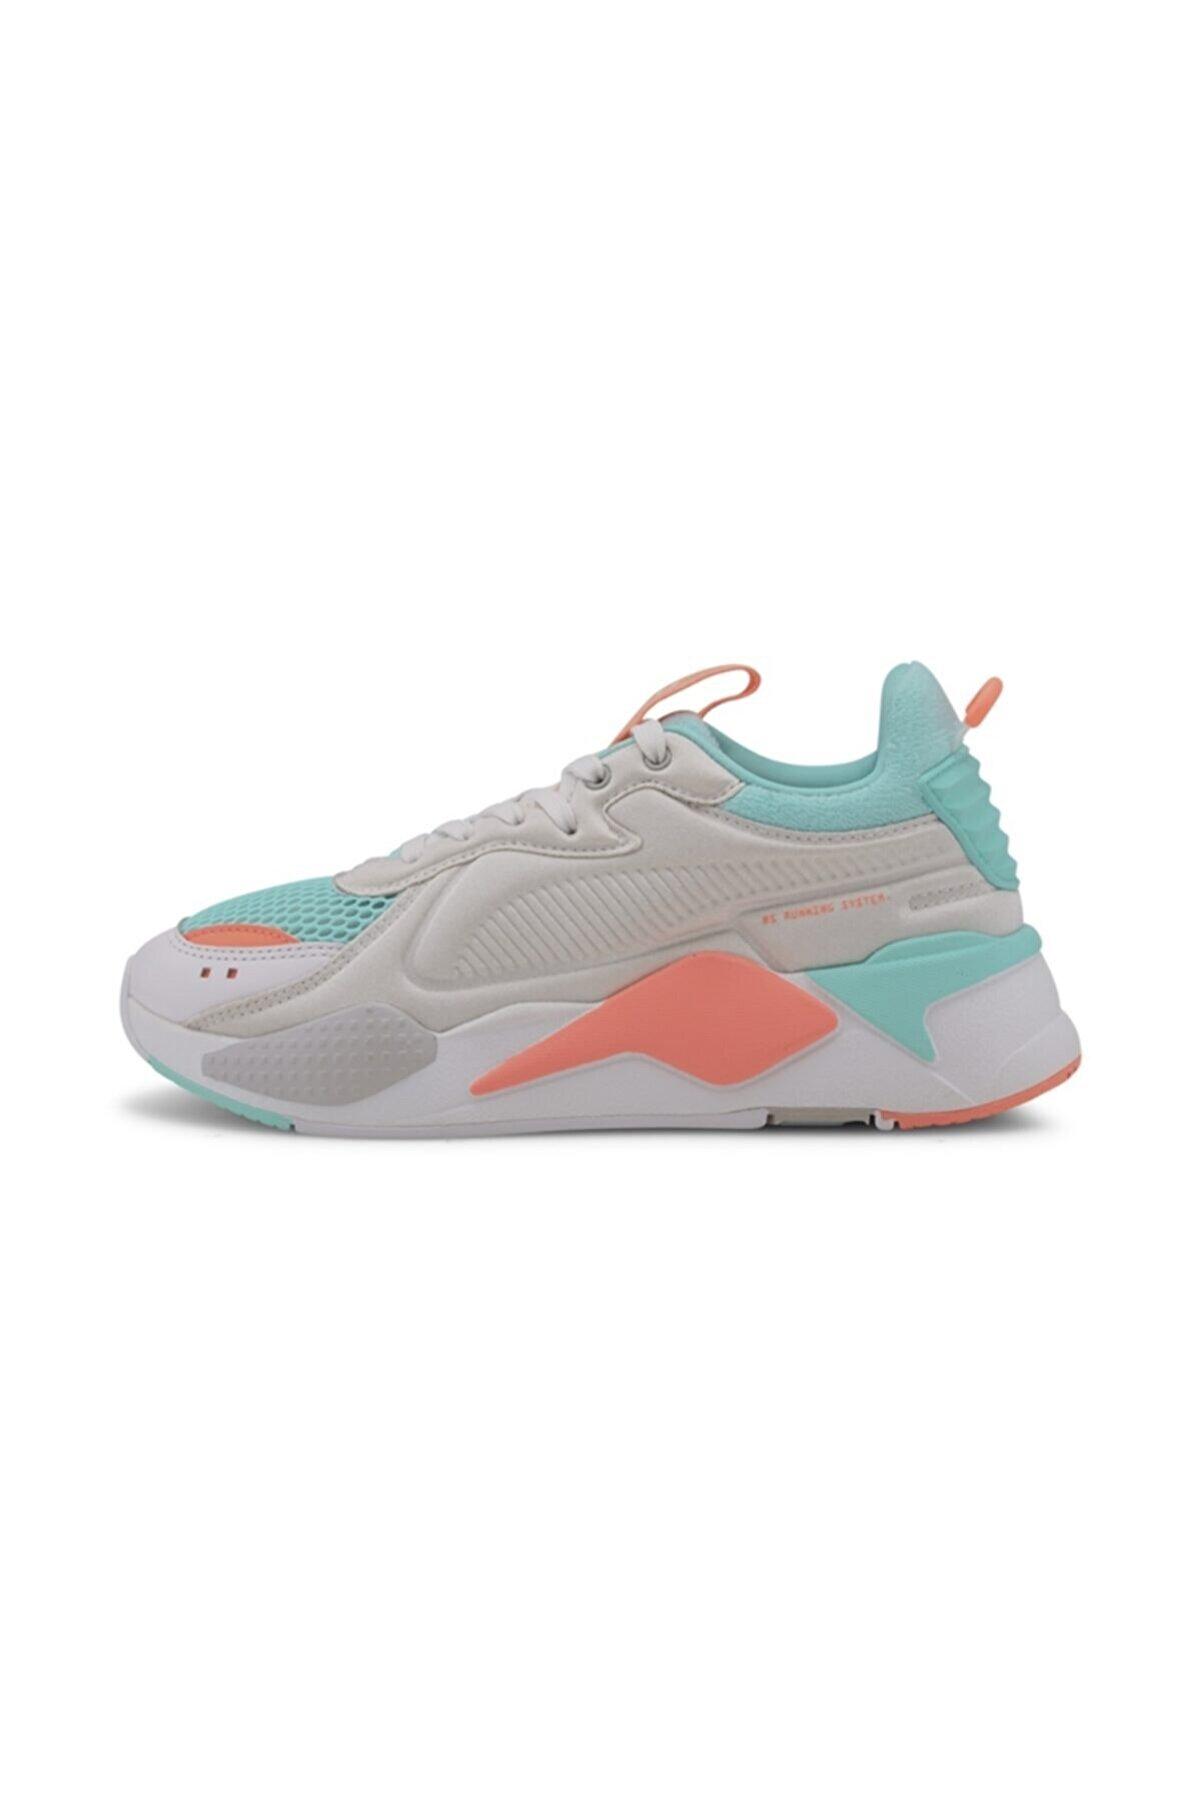 Puma Rsx Softcase Kadın Günlük Ayakkabı - 36981912